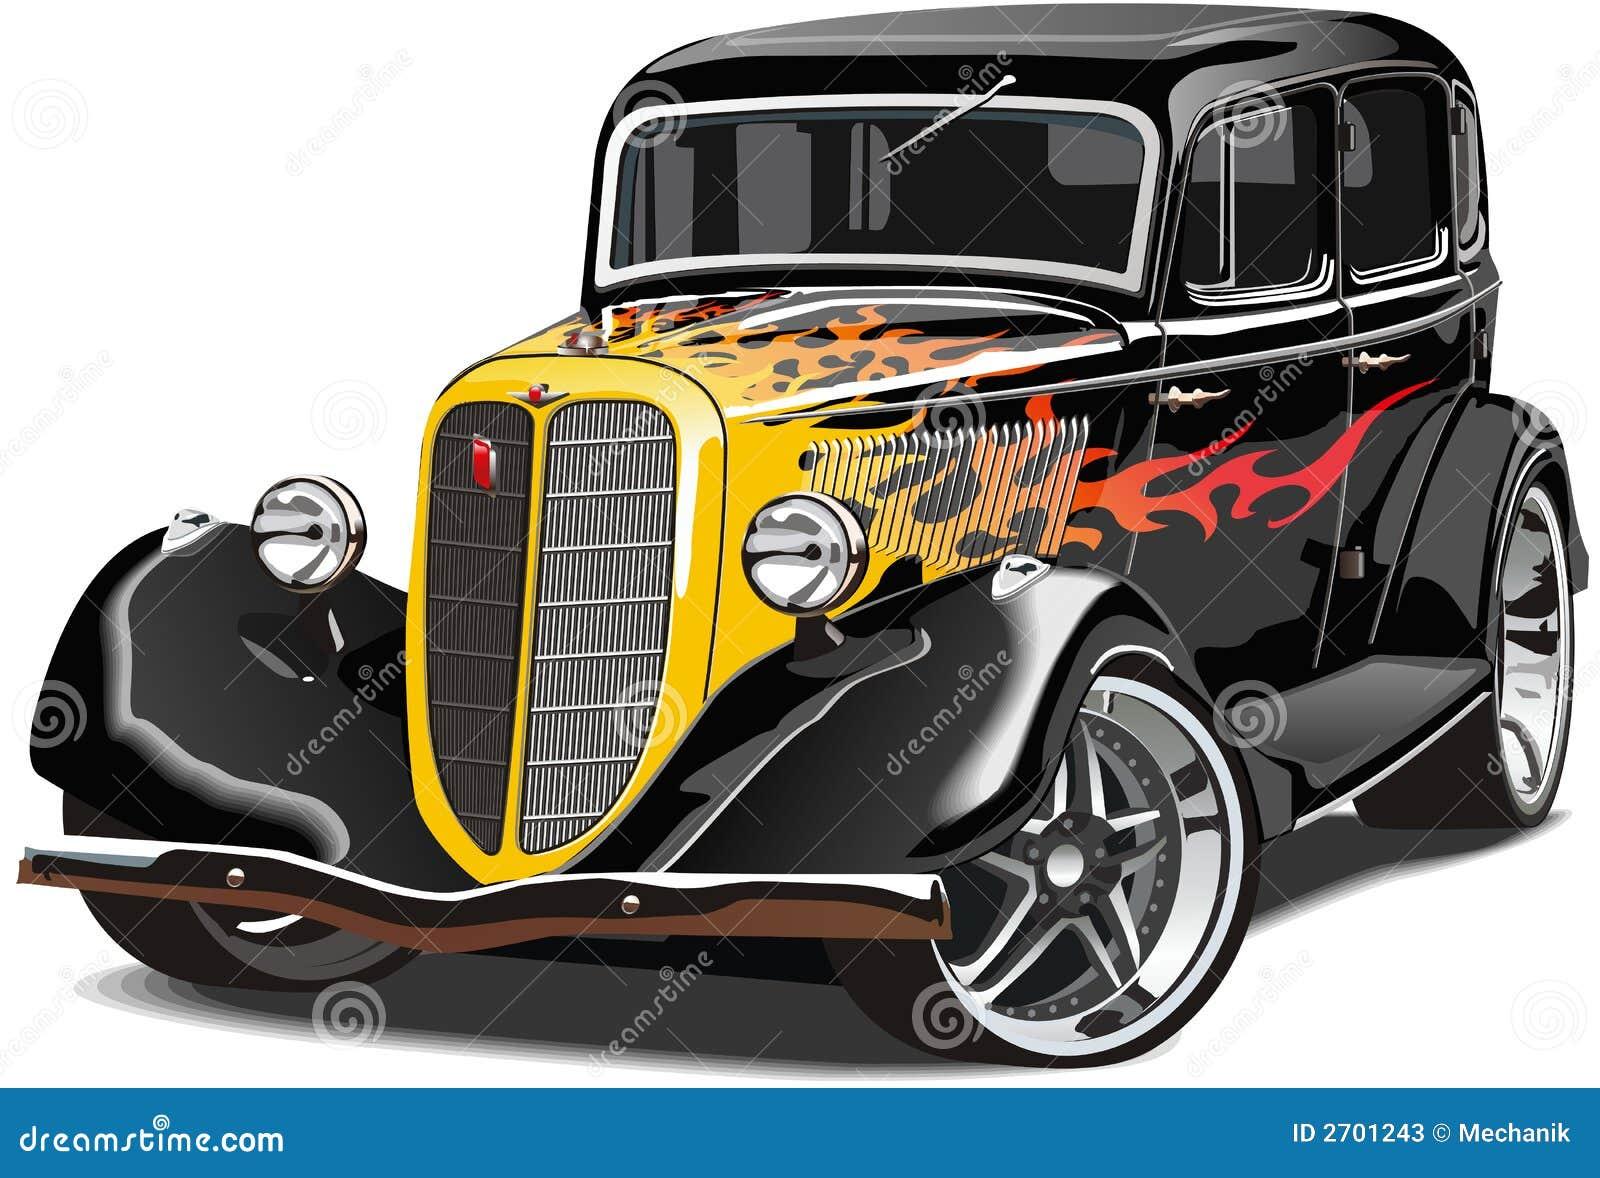 Jeff City Car Show